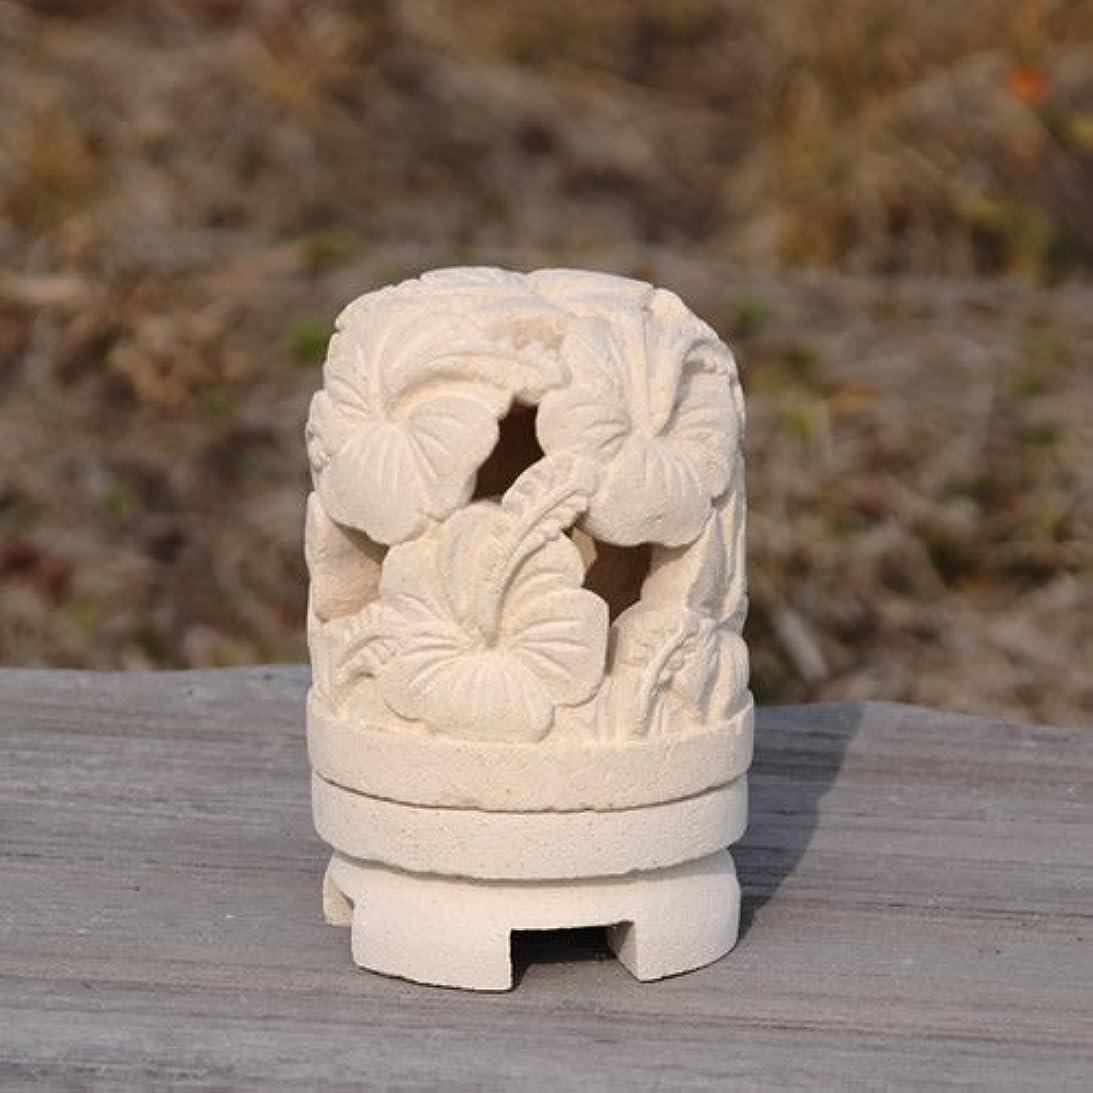 過激派日常的に契約するライムストーンで出来たハンドメイドの丸いキャンドルホルダー (タイプB(ハイビスカス))